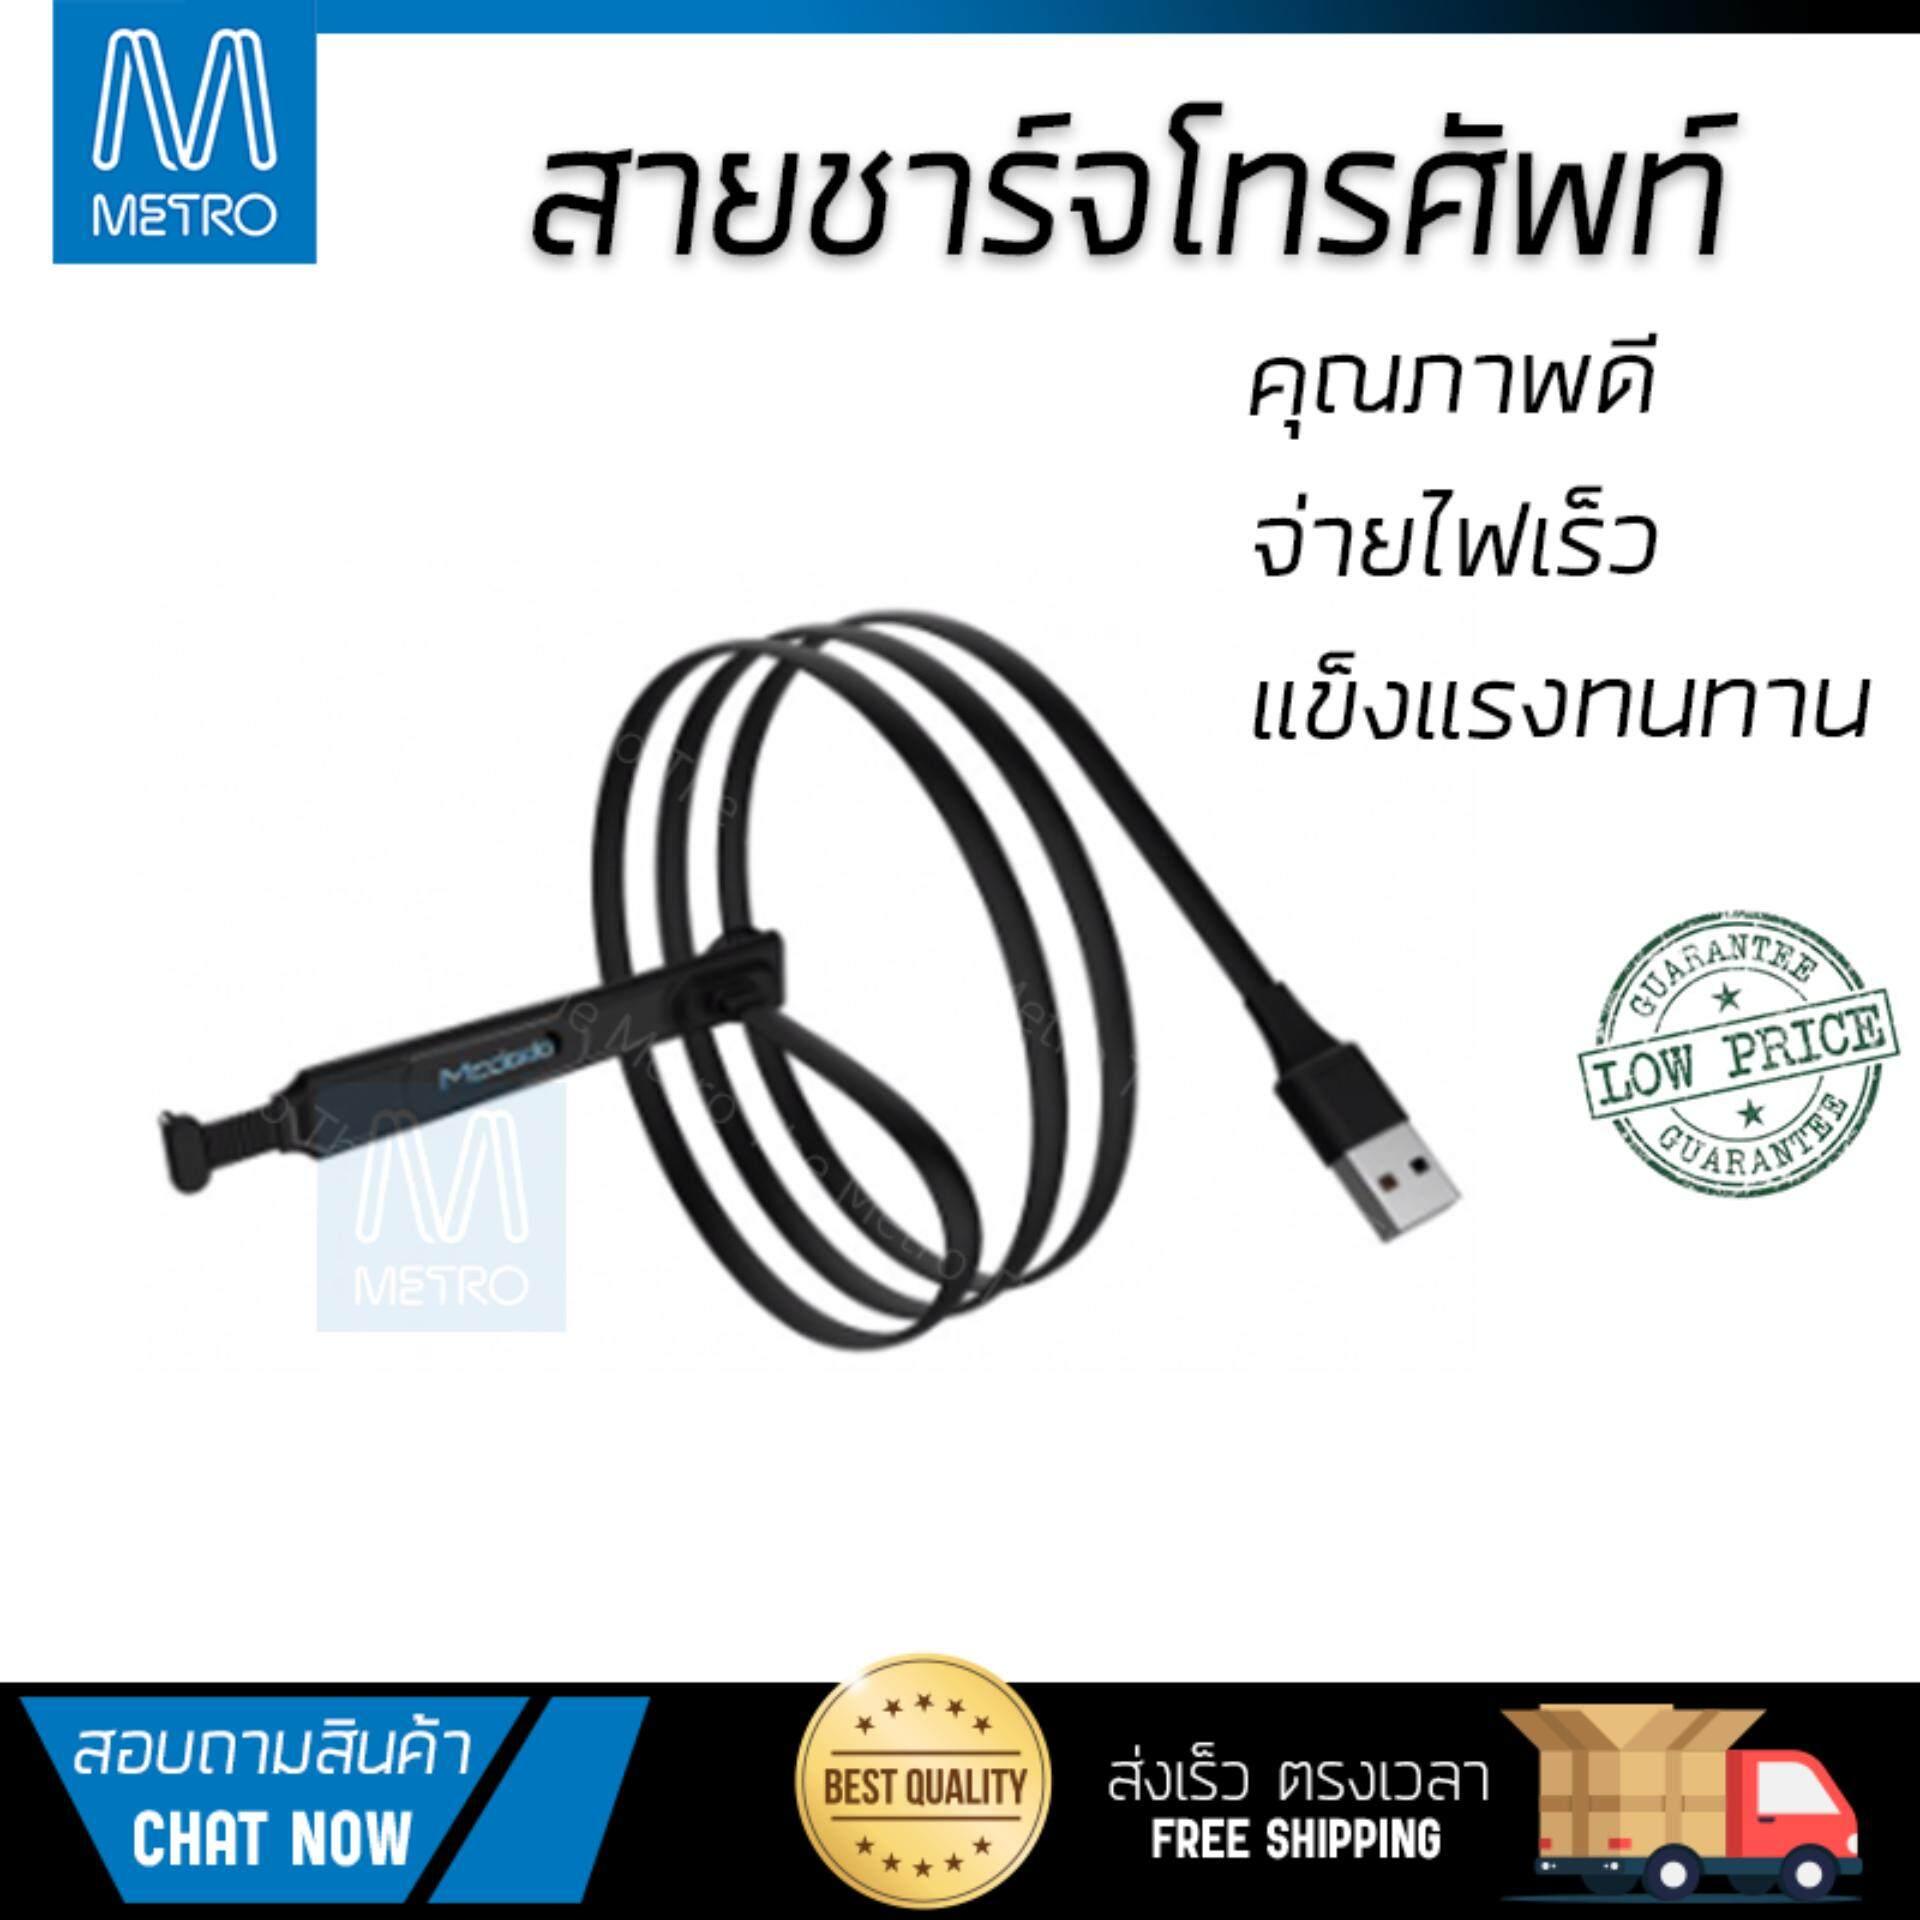 สุดยอดสินค้า!! ราคาพิเศษ รุ่นยอดนิยม สายชาร์จโทรศัพท์ MCDODO Gaming USB-C to USB-C Cable 1.8M. Black (IMP) สายชาร์จทนทาน แข็งแรง จ่ายไฟเร็ว Mobile Cable จัดส่งฟรี Kerry ทั่วประเทศ